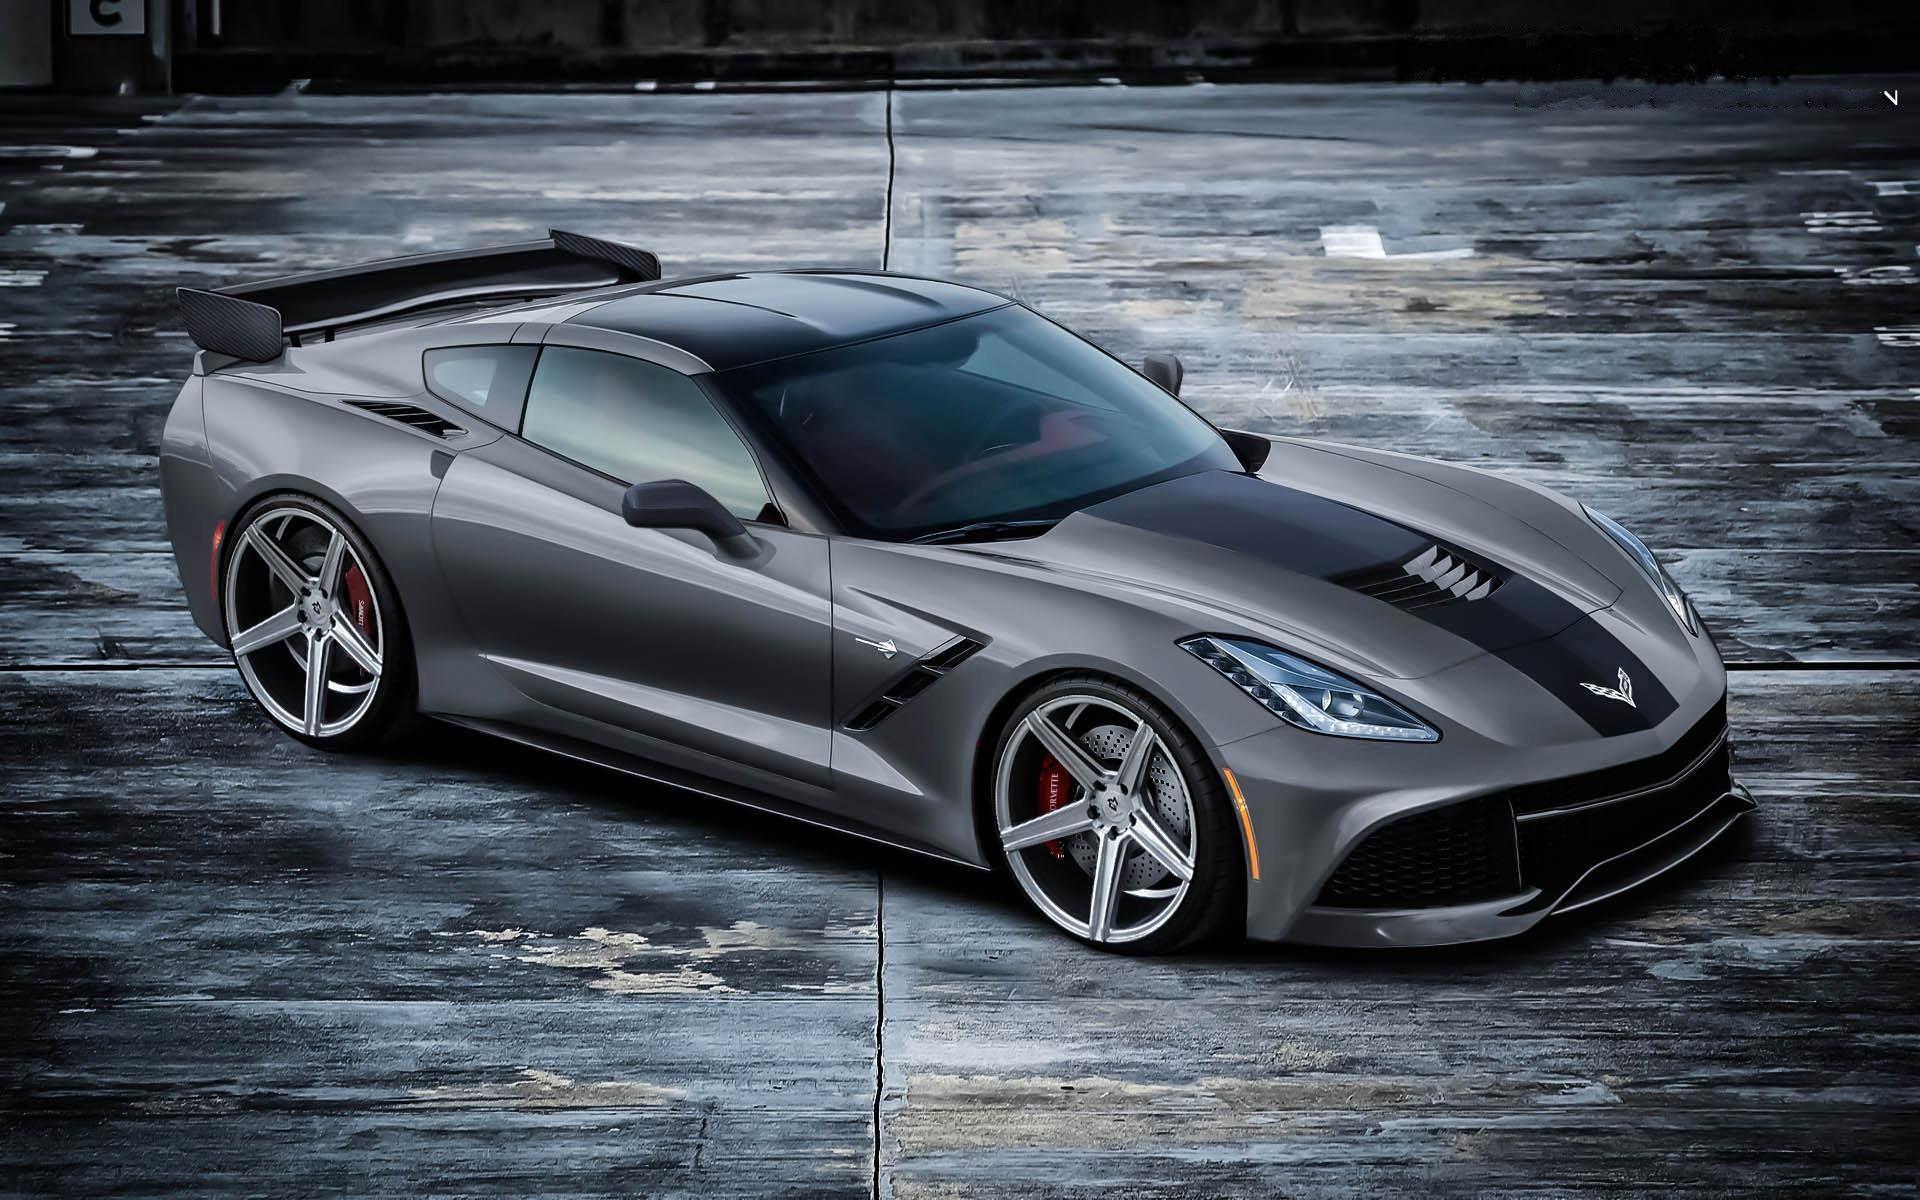 2014 Corvette Wallpapers